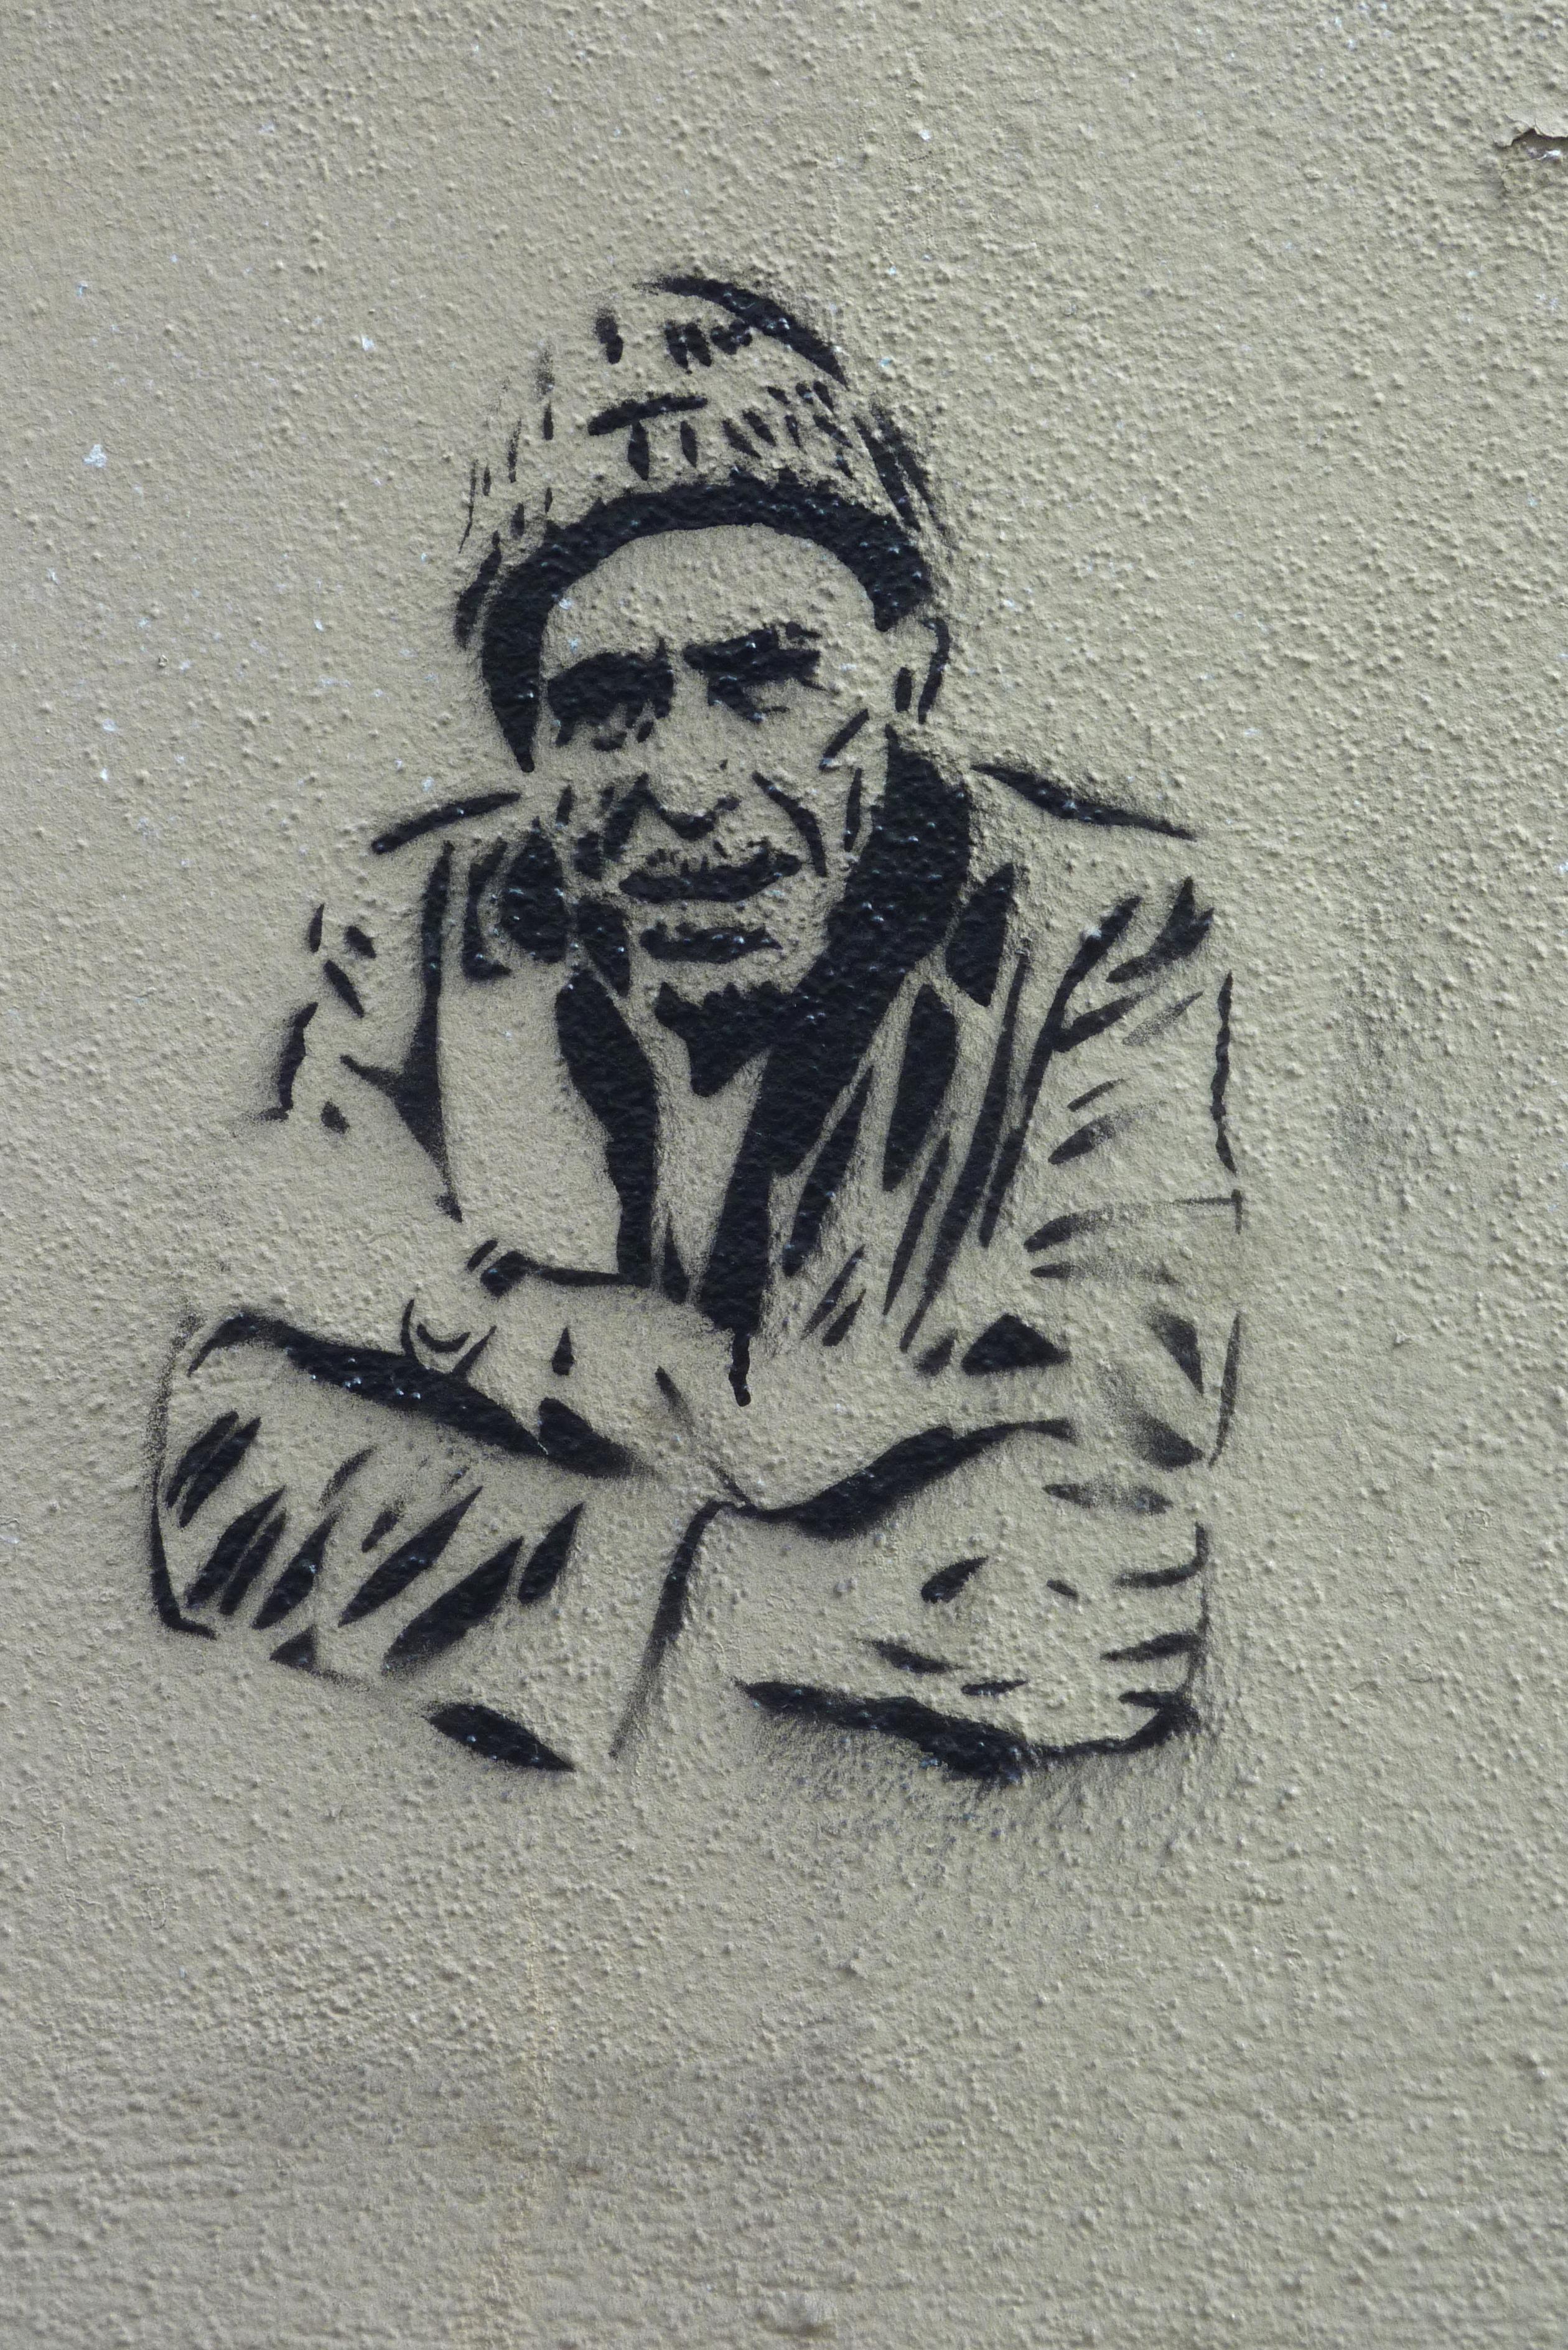 On Charles Bukowski